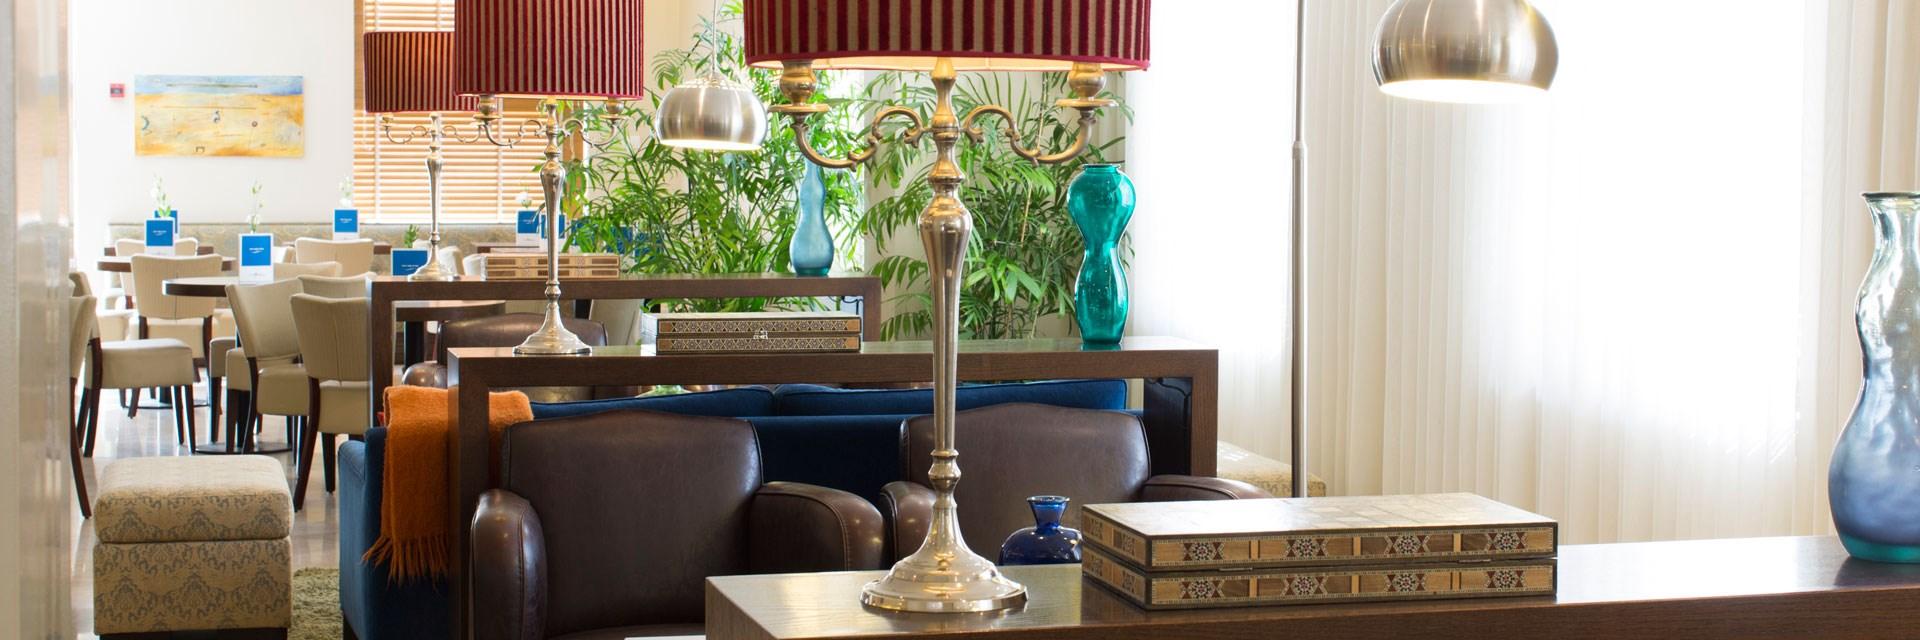 Prima Royale Hotel Jerusalem